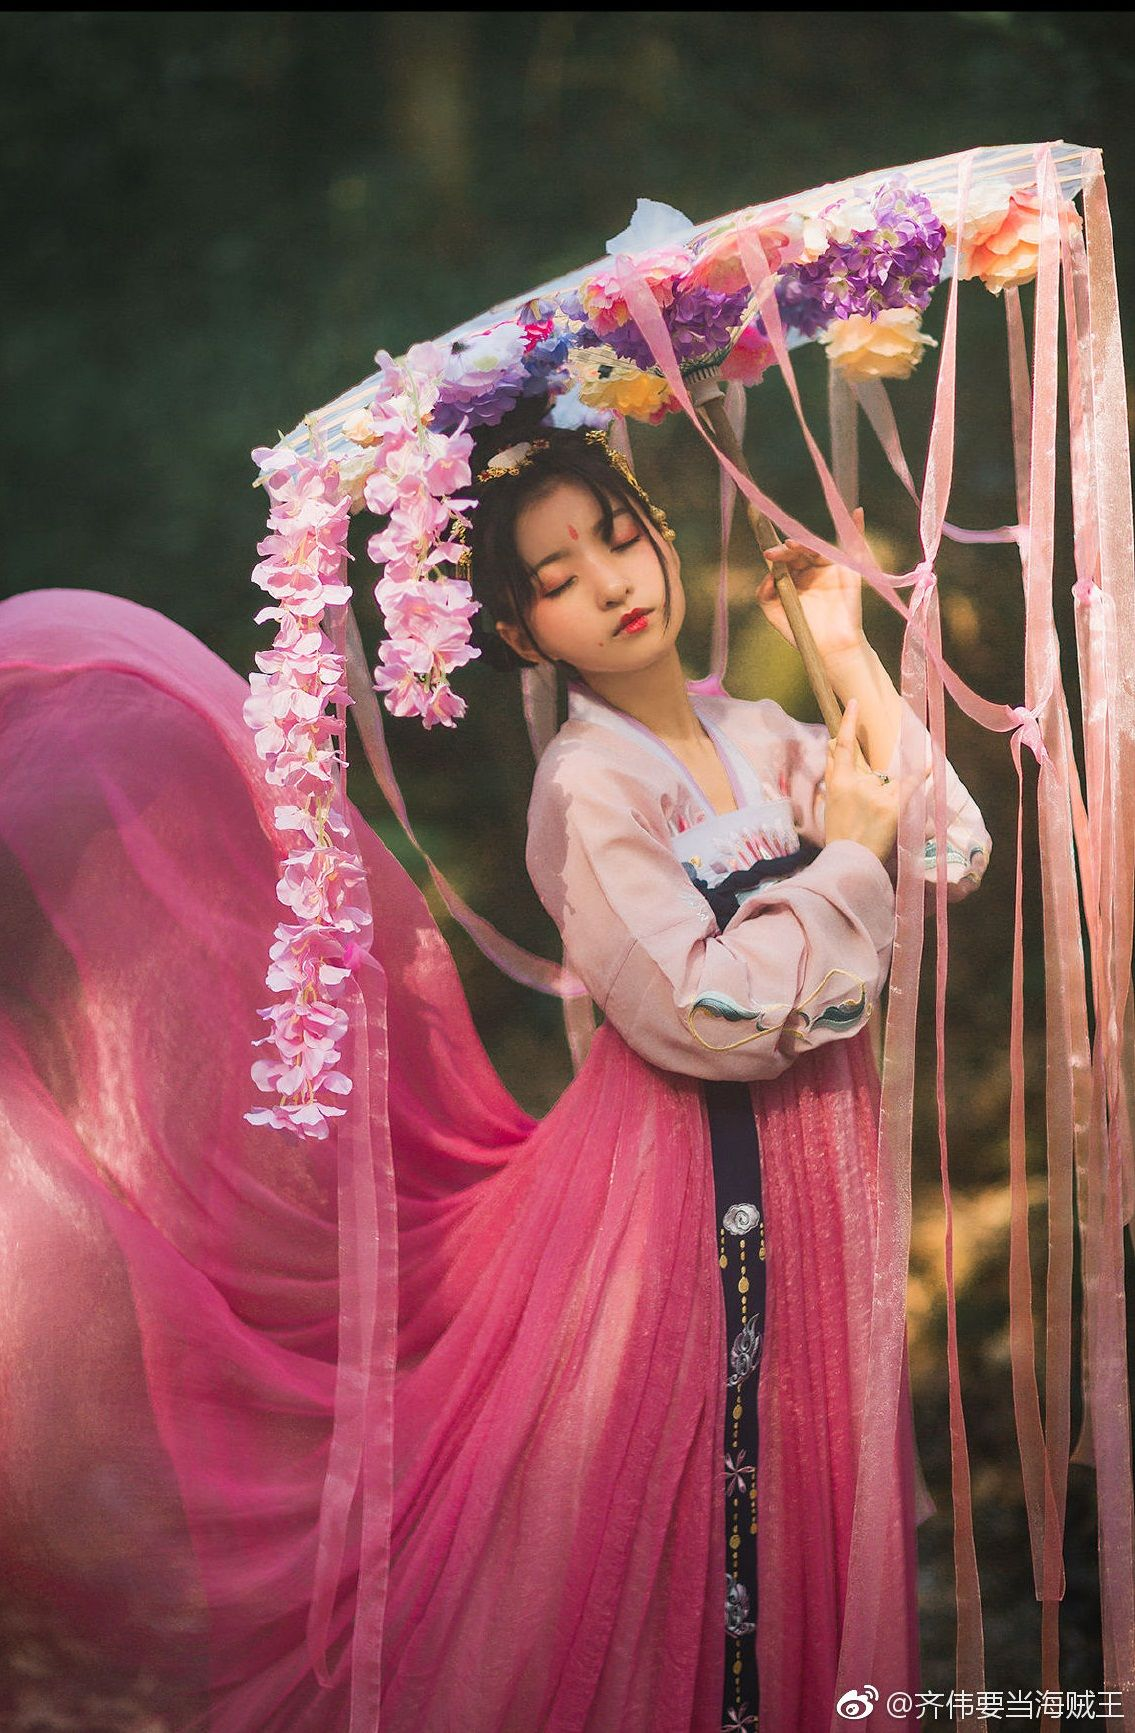 Pin de ily zhang en Coser Riri | Pinterest | Arte chino, Coser y Chino